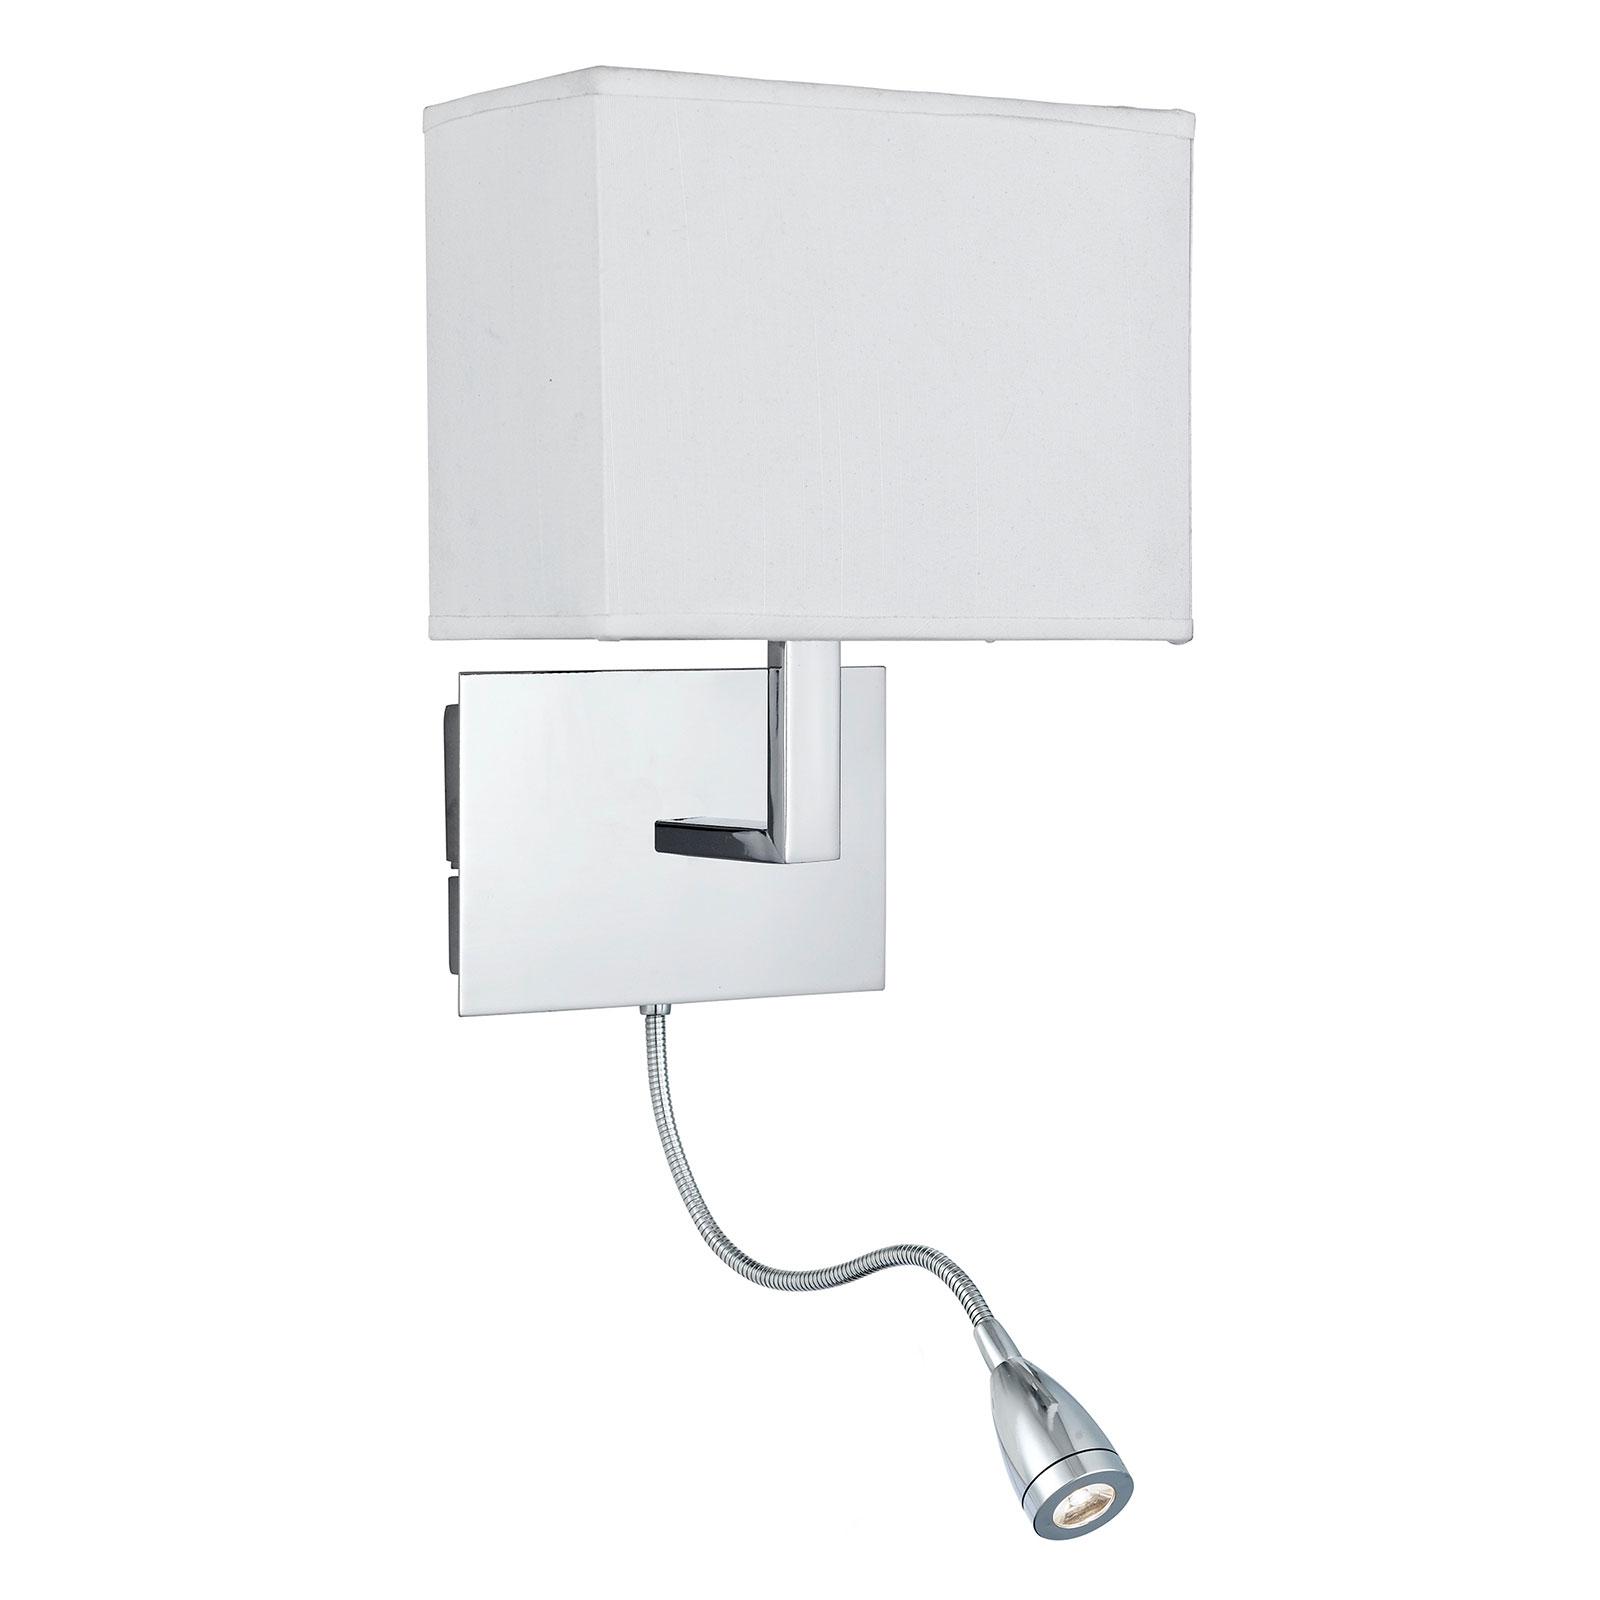 Wandlamp 6519 met LED leeslamp, chroom